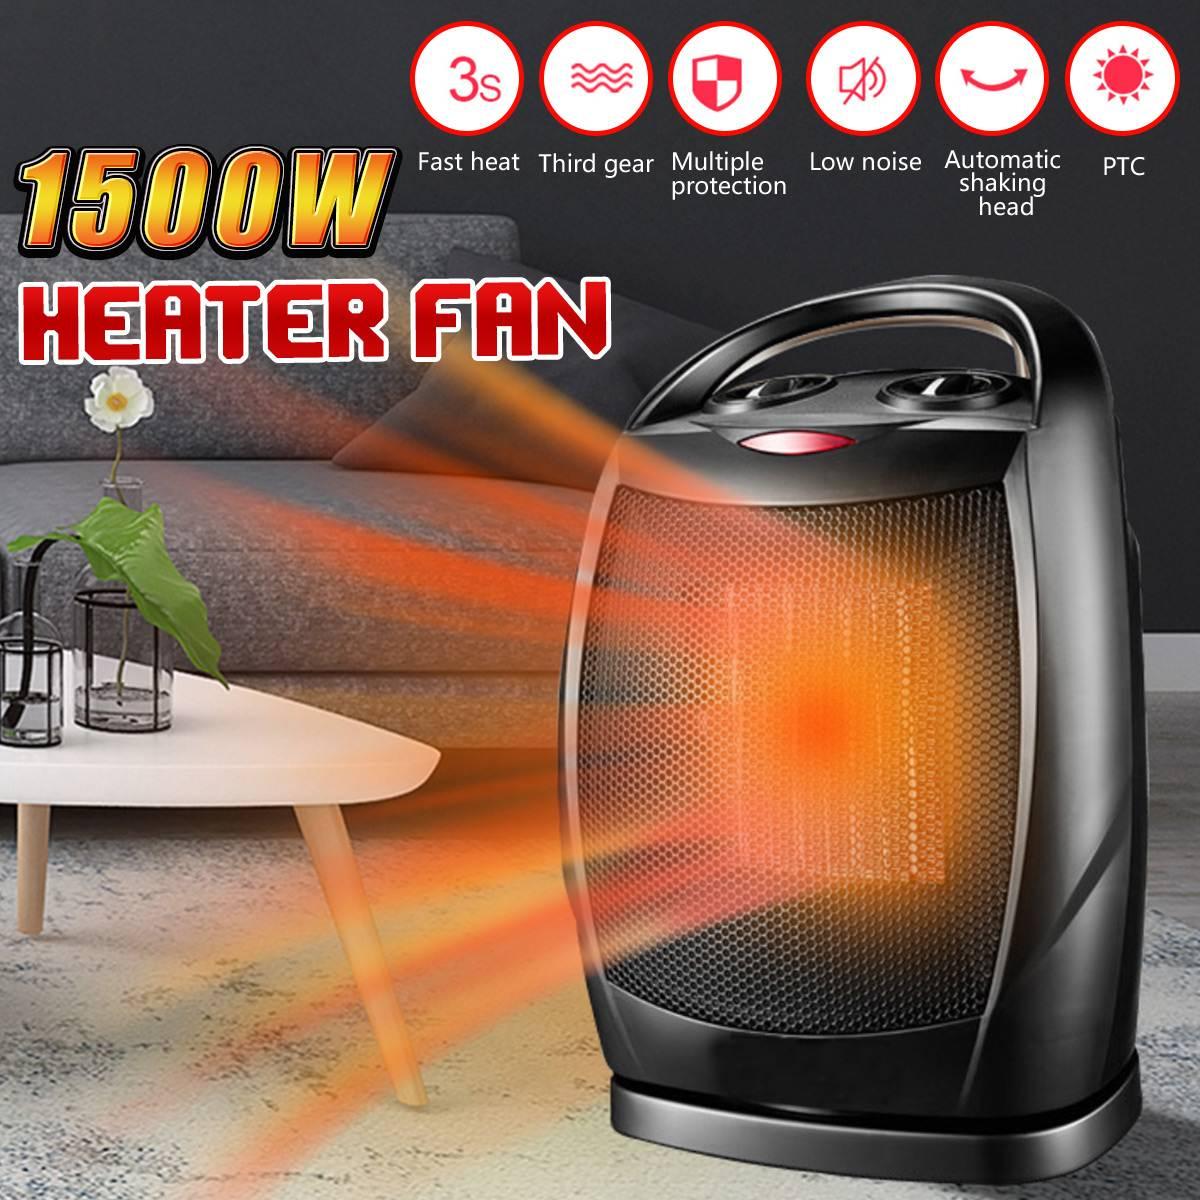 1500W Electric Heater Mini Fan Heater Handy PTC Heating Stove Radiator Desktop Home Office Winter Warmer1500W Electric Heater Mini Fan Heater Handy PTC Heating Stove Radiator Desktop Home Office Winter Warmer